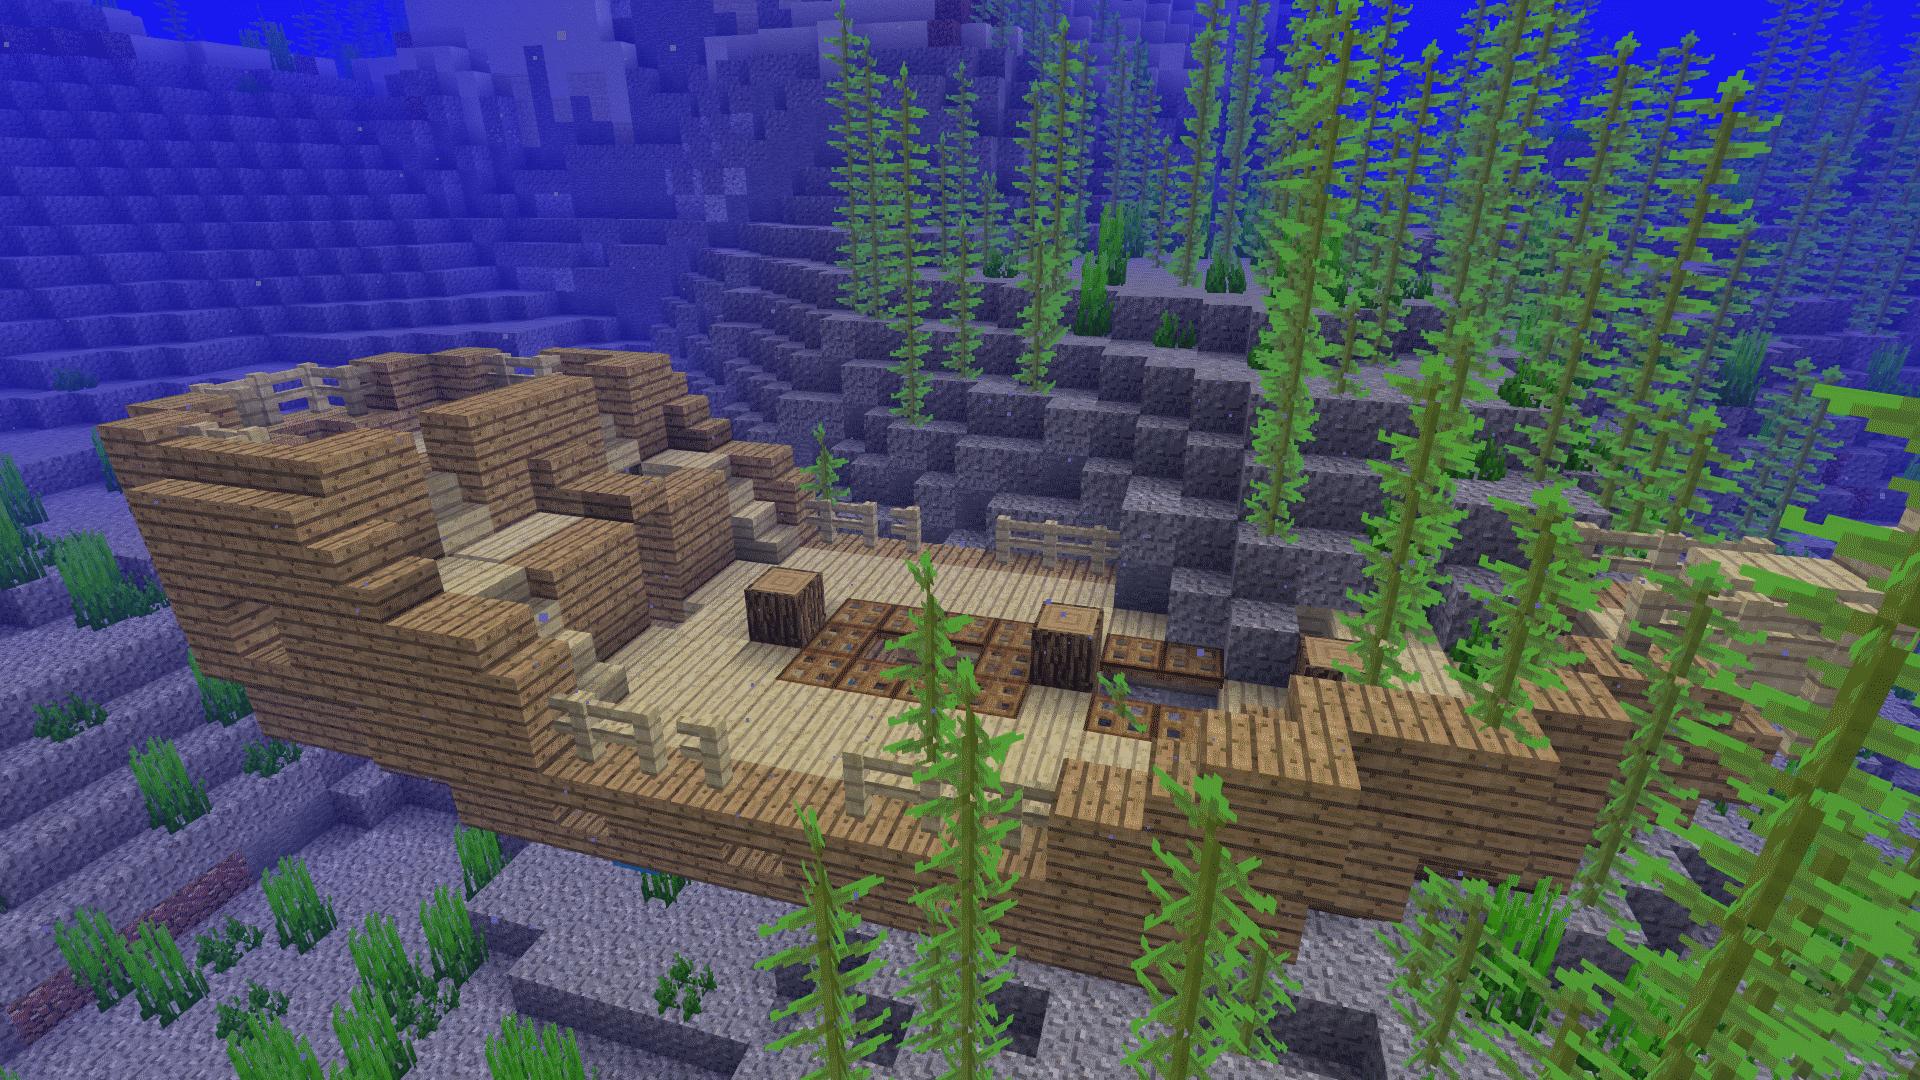 Minecraft Screenshot 2018.03.14 - 21.36.42.37.png